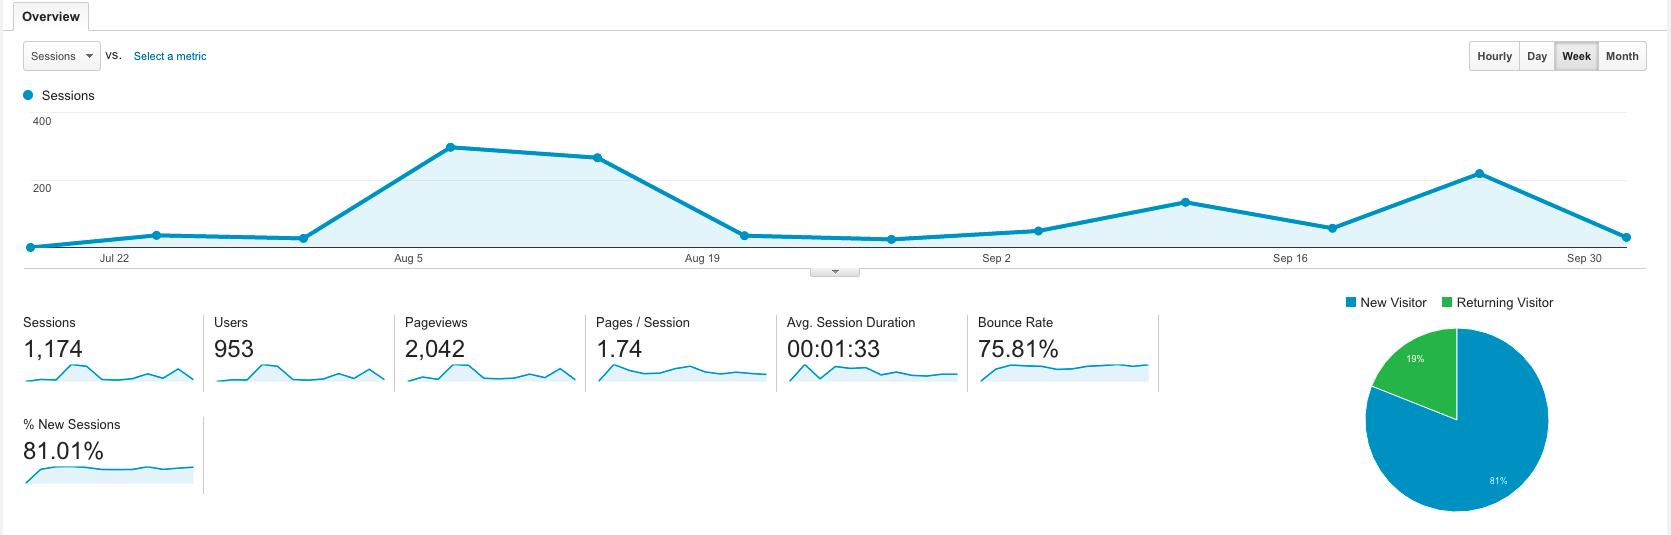 visitas-totales-2-meses